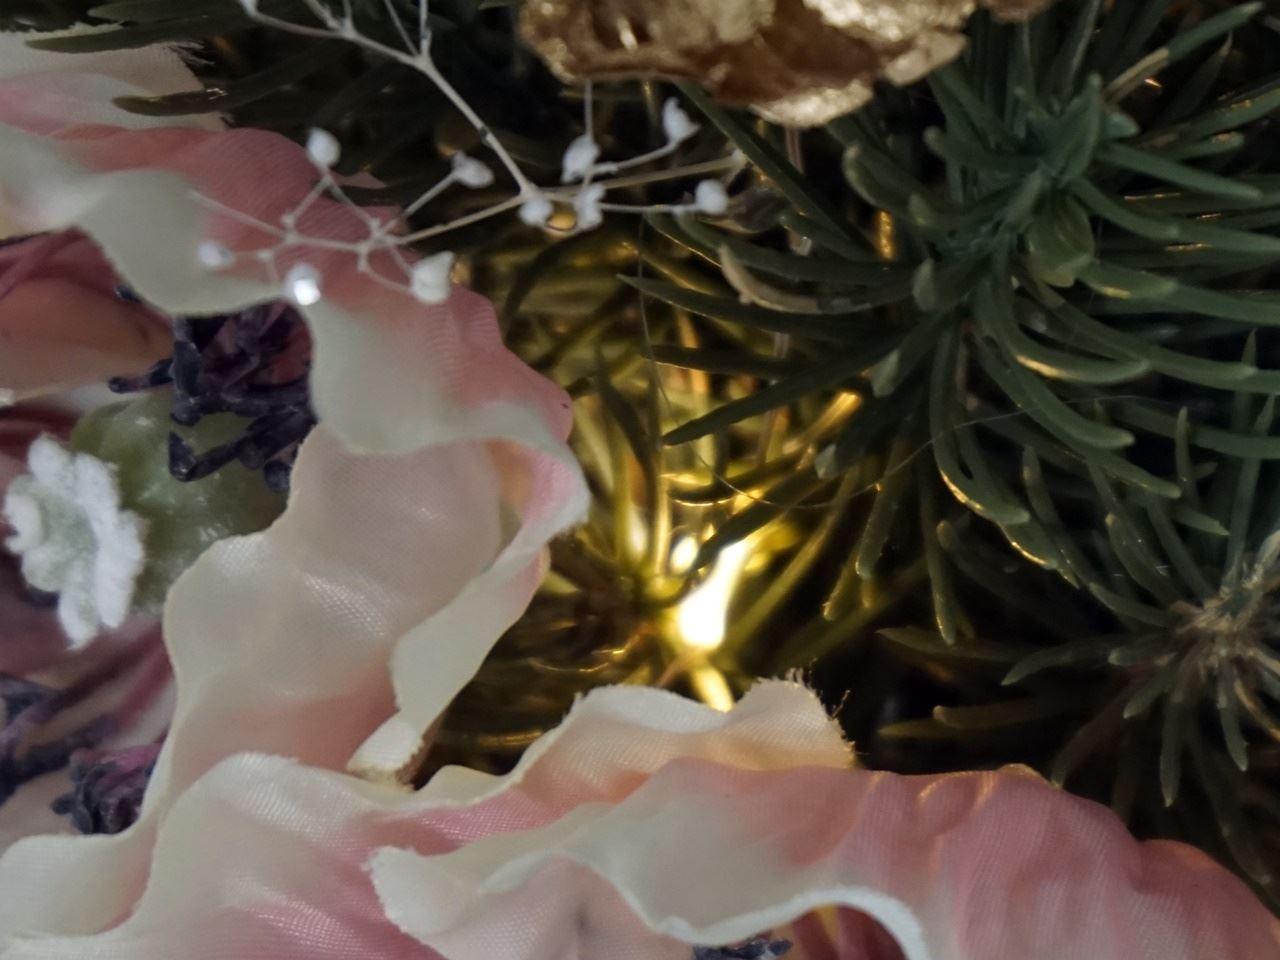 クリスマス アーティフィシャルツリーとスワッグのイルミネーション